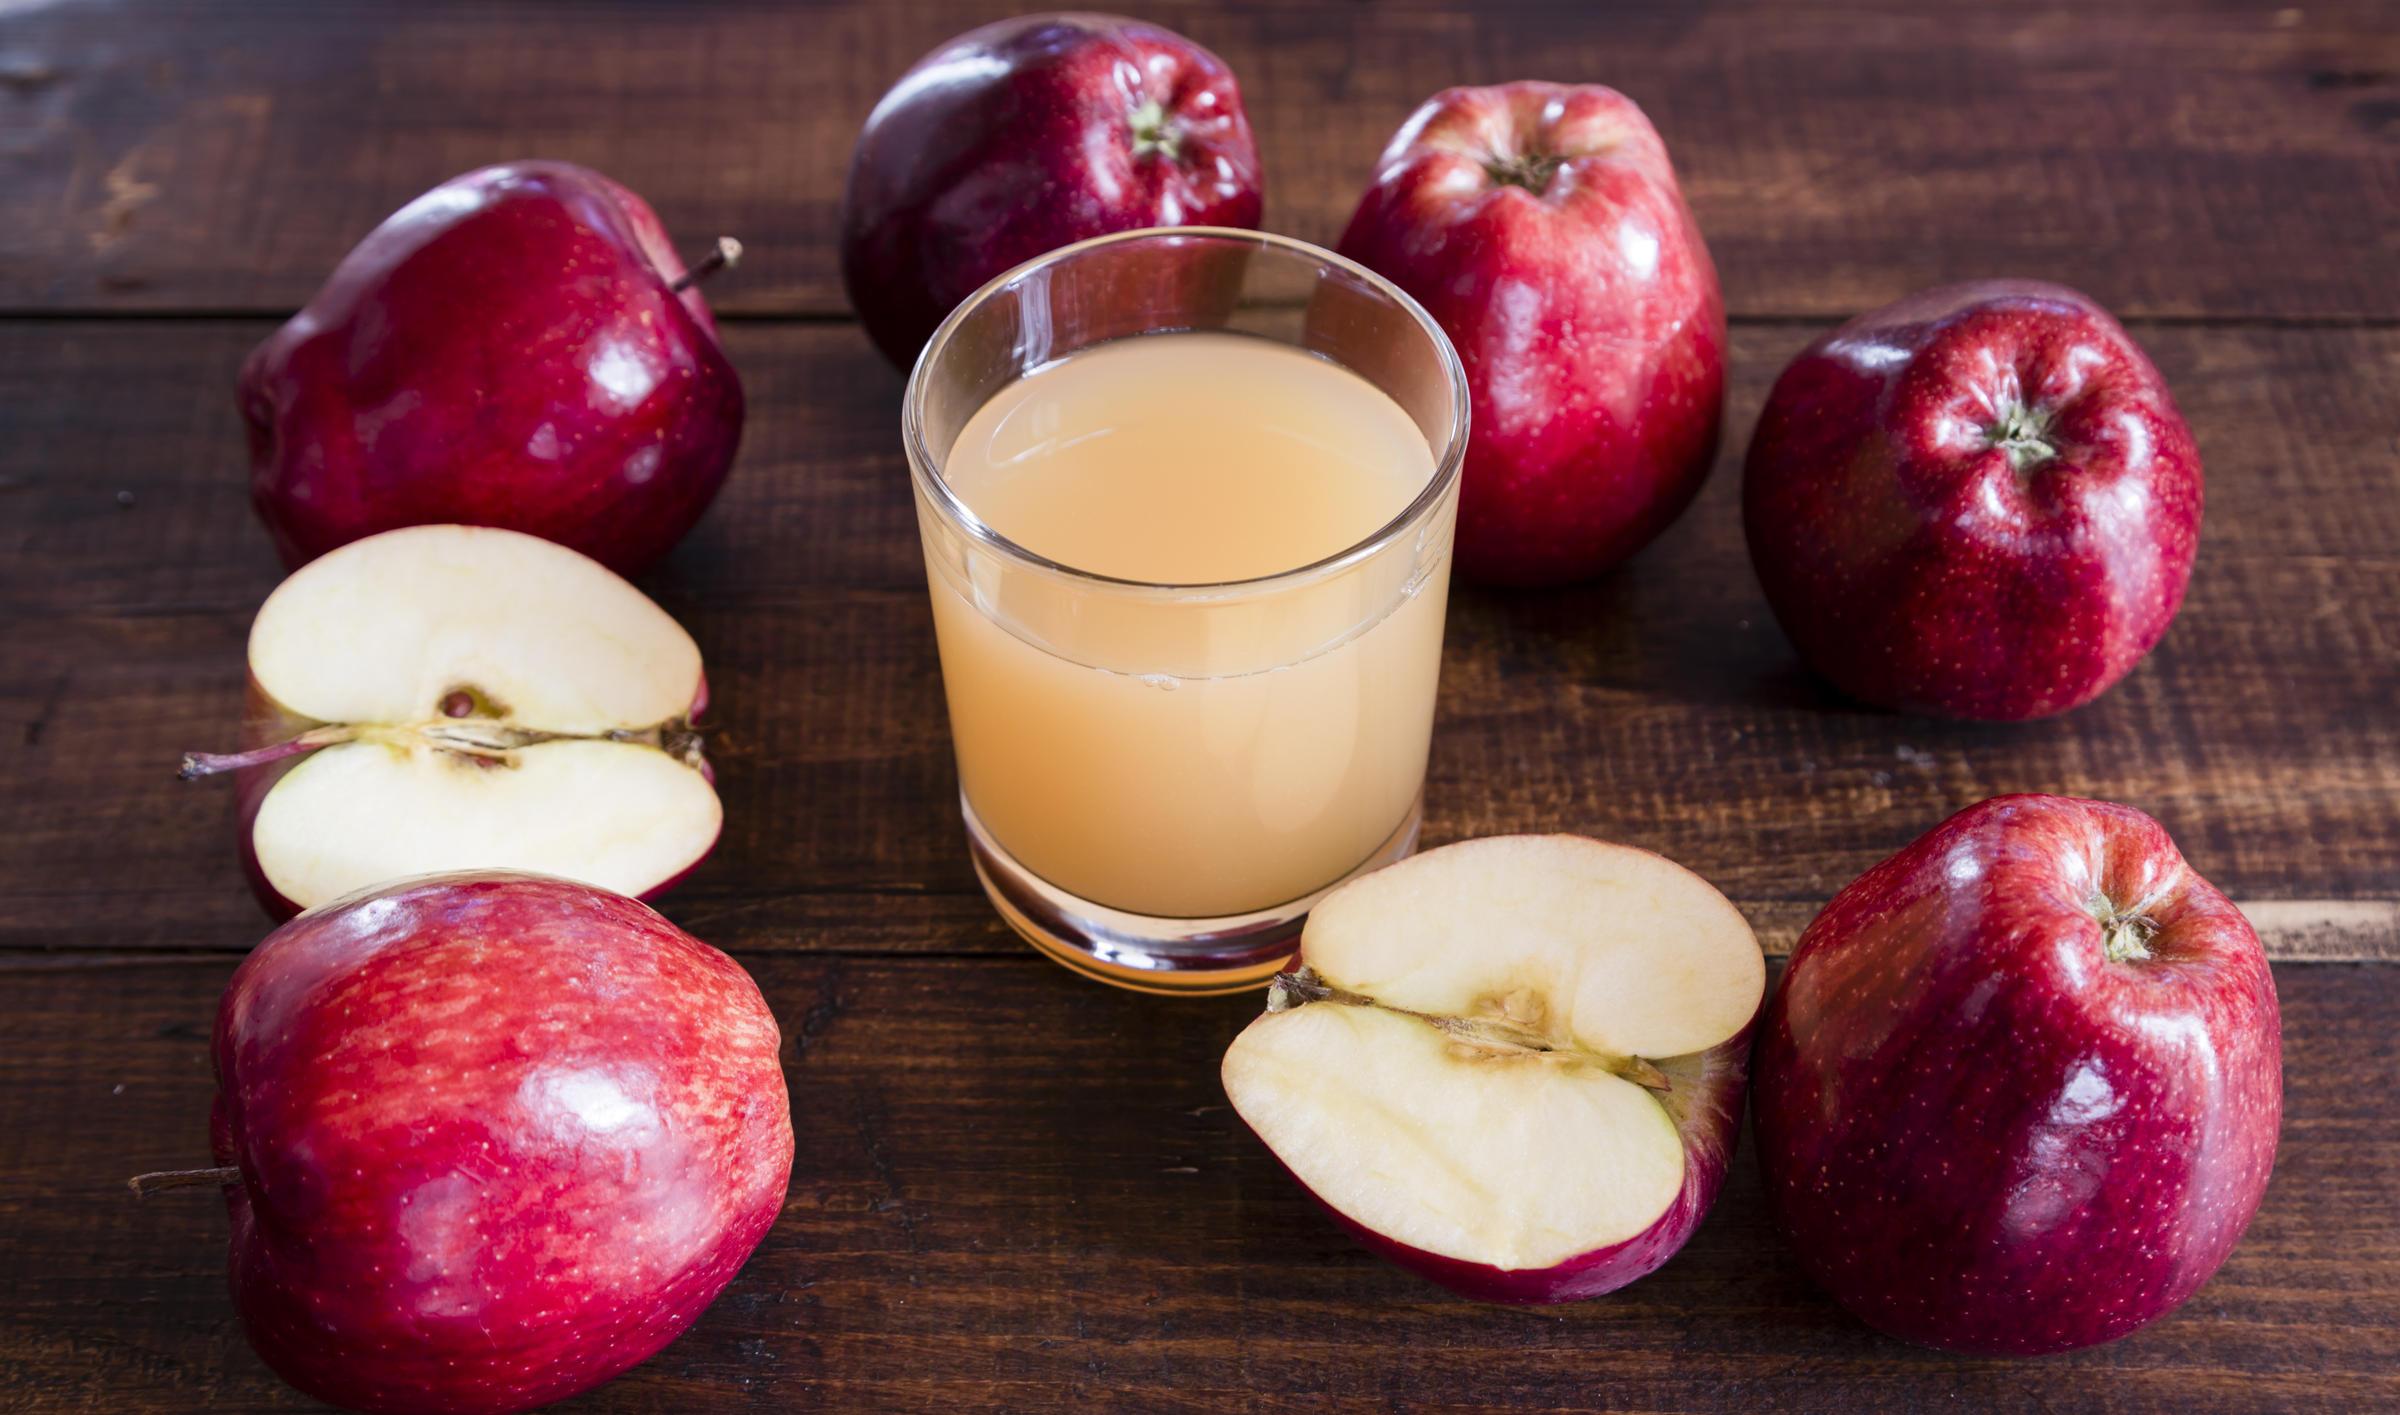 Cách làm nước ép trái cây cho bé - Nước ép táo